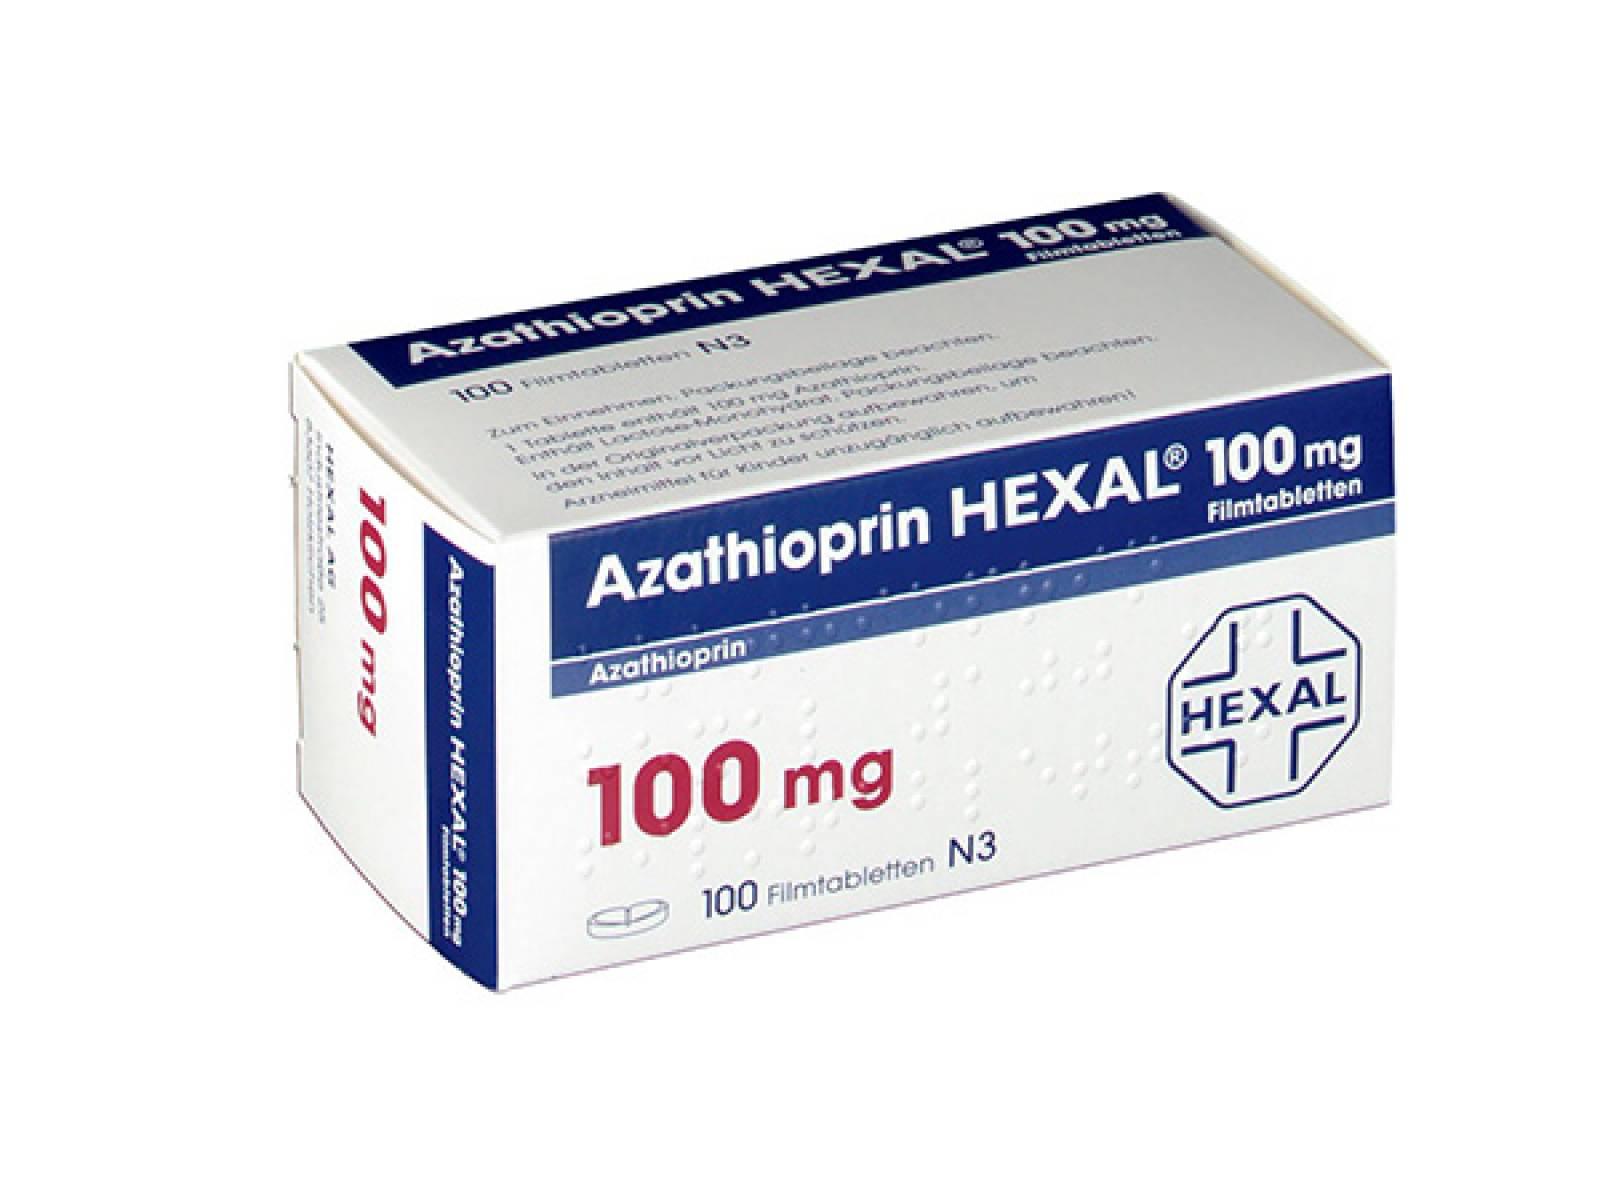 Азатиоприн: как принимать лекарство, побочные эффекты